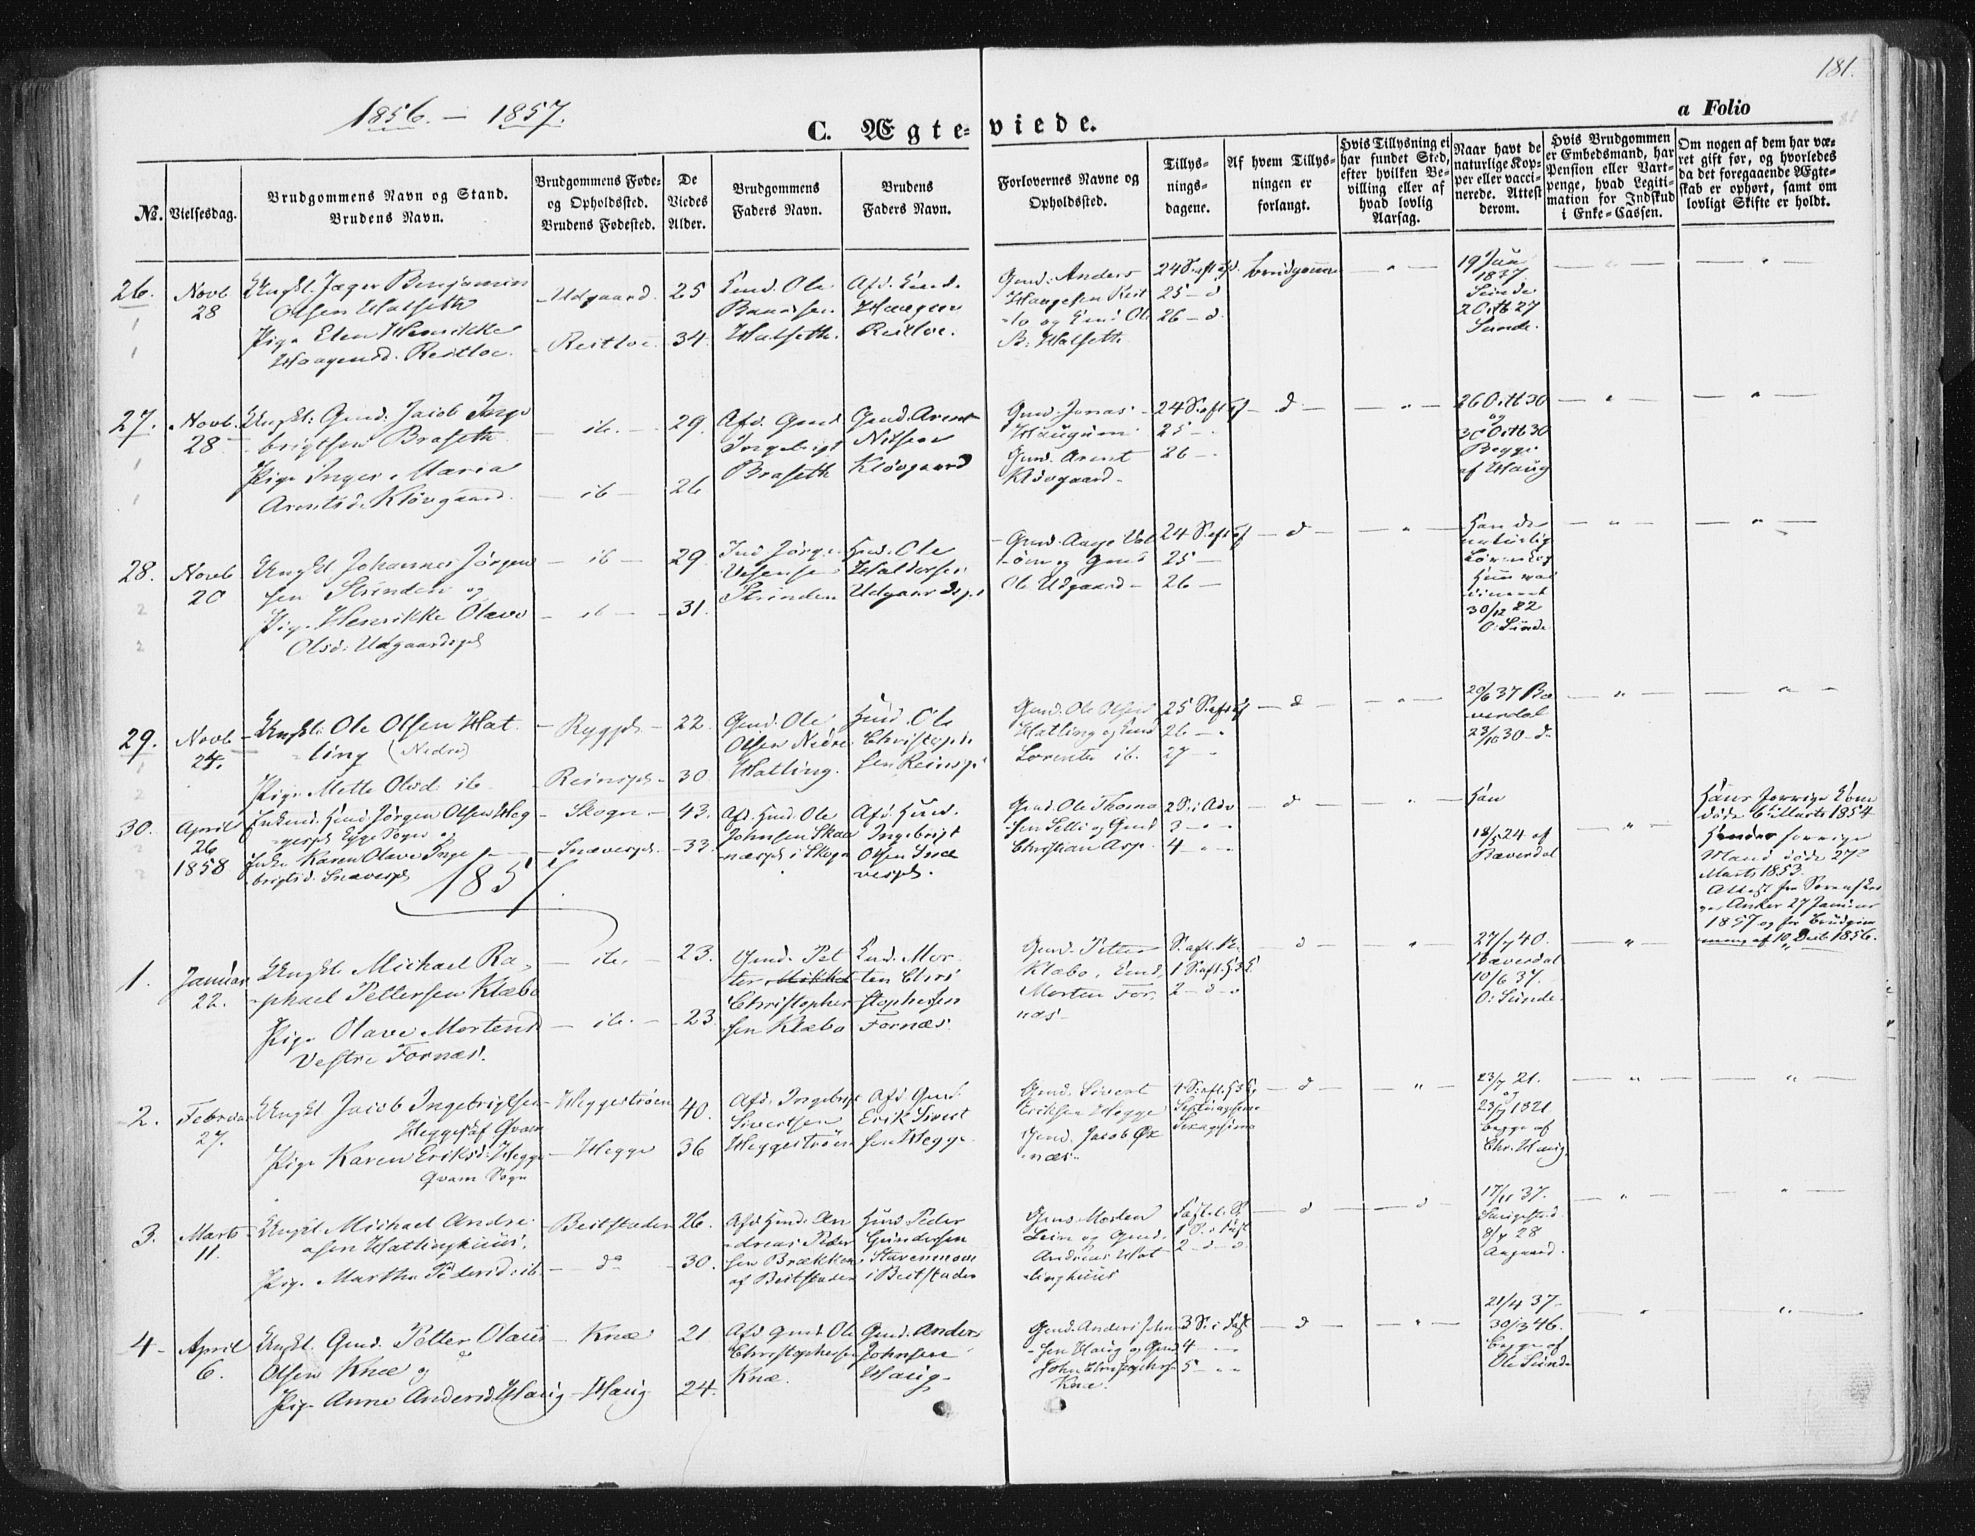 SAT, Ministerialprotokoller, klokkerbøker og fødselsregistre - Nord-Trøndelag, 746/L0446: Ministerialbok nr. 746A05, 1846-1859, s. 181